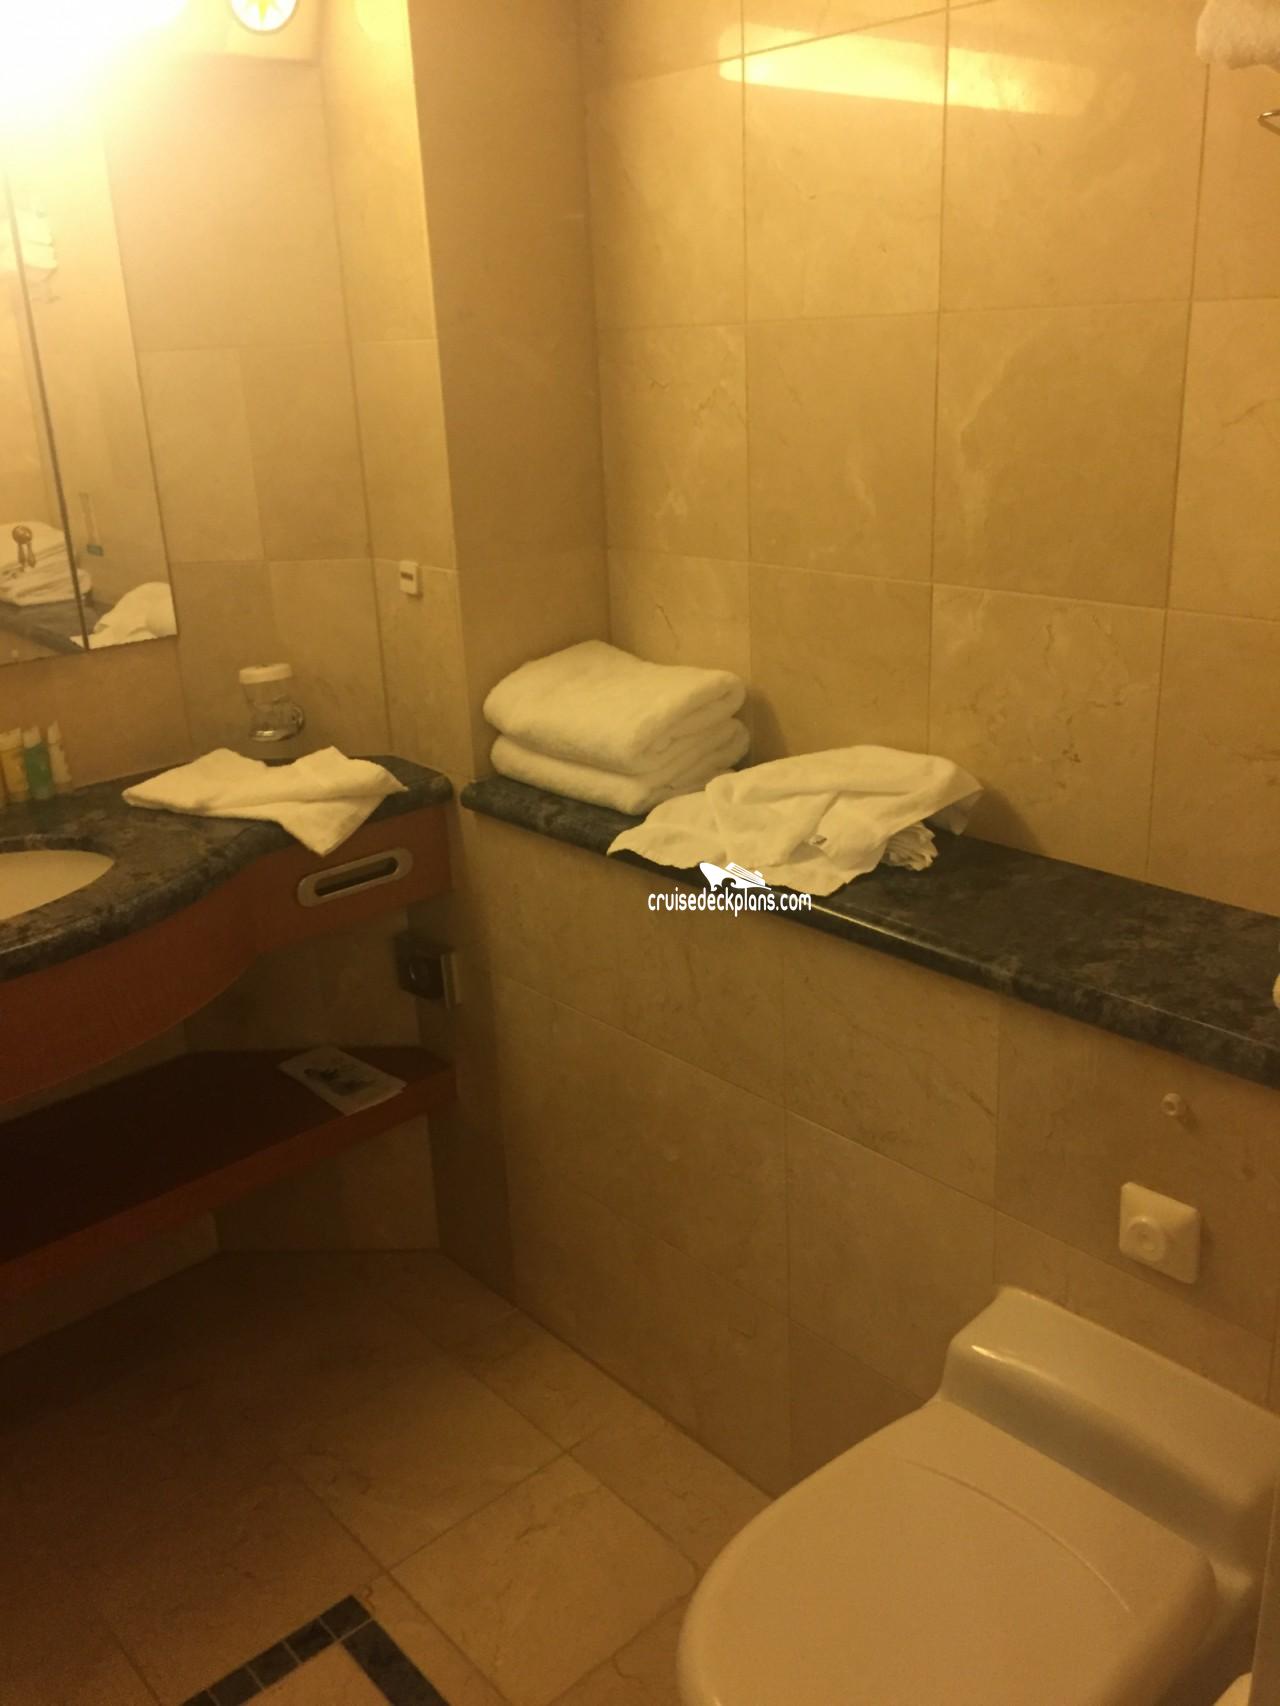 2 Bedroom Suites In Savannah Ga: Serenade Of The Seas Grand Suite